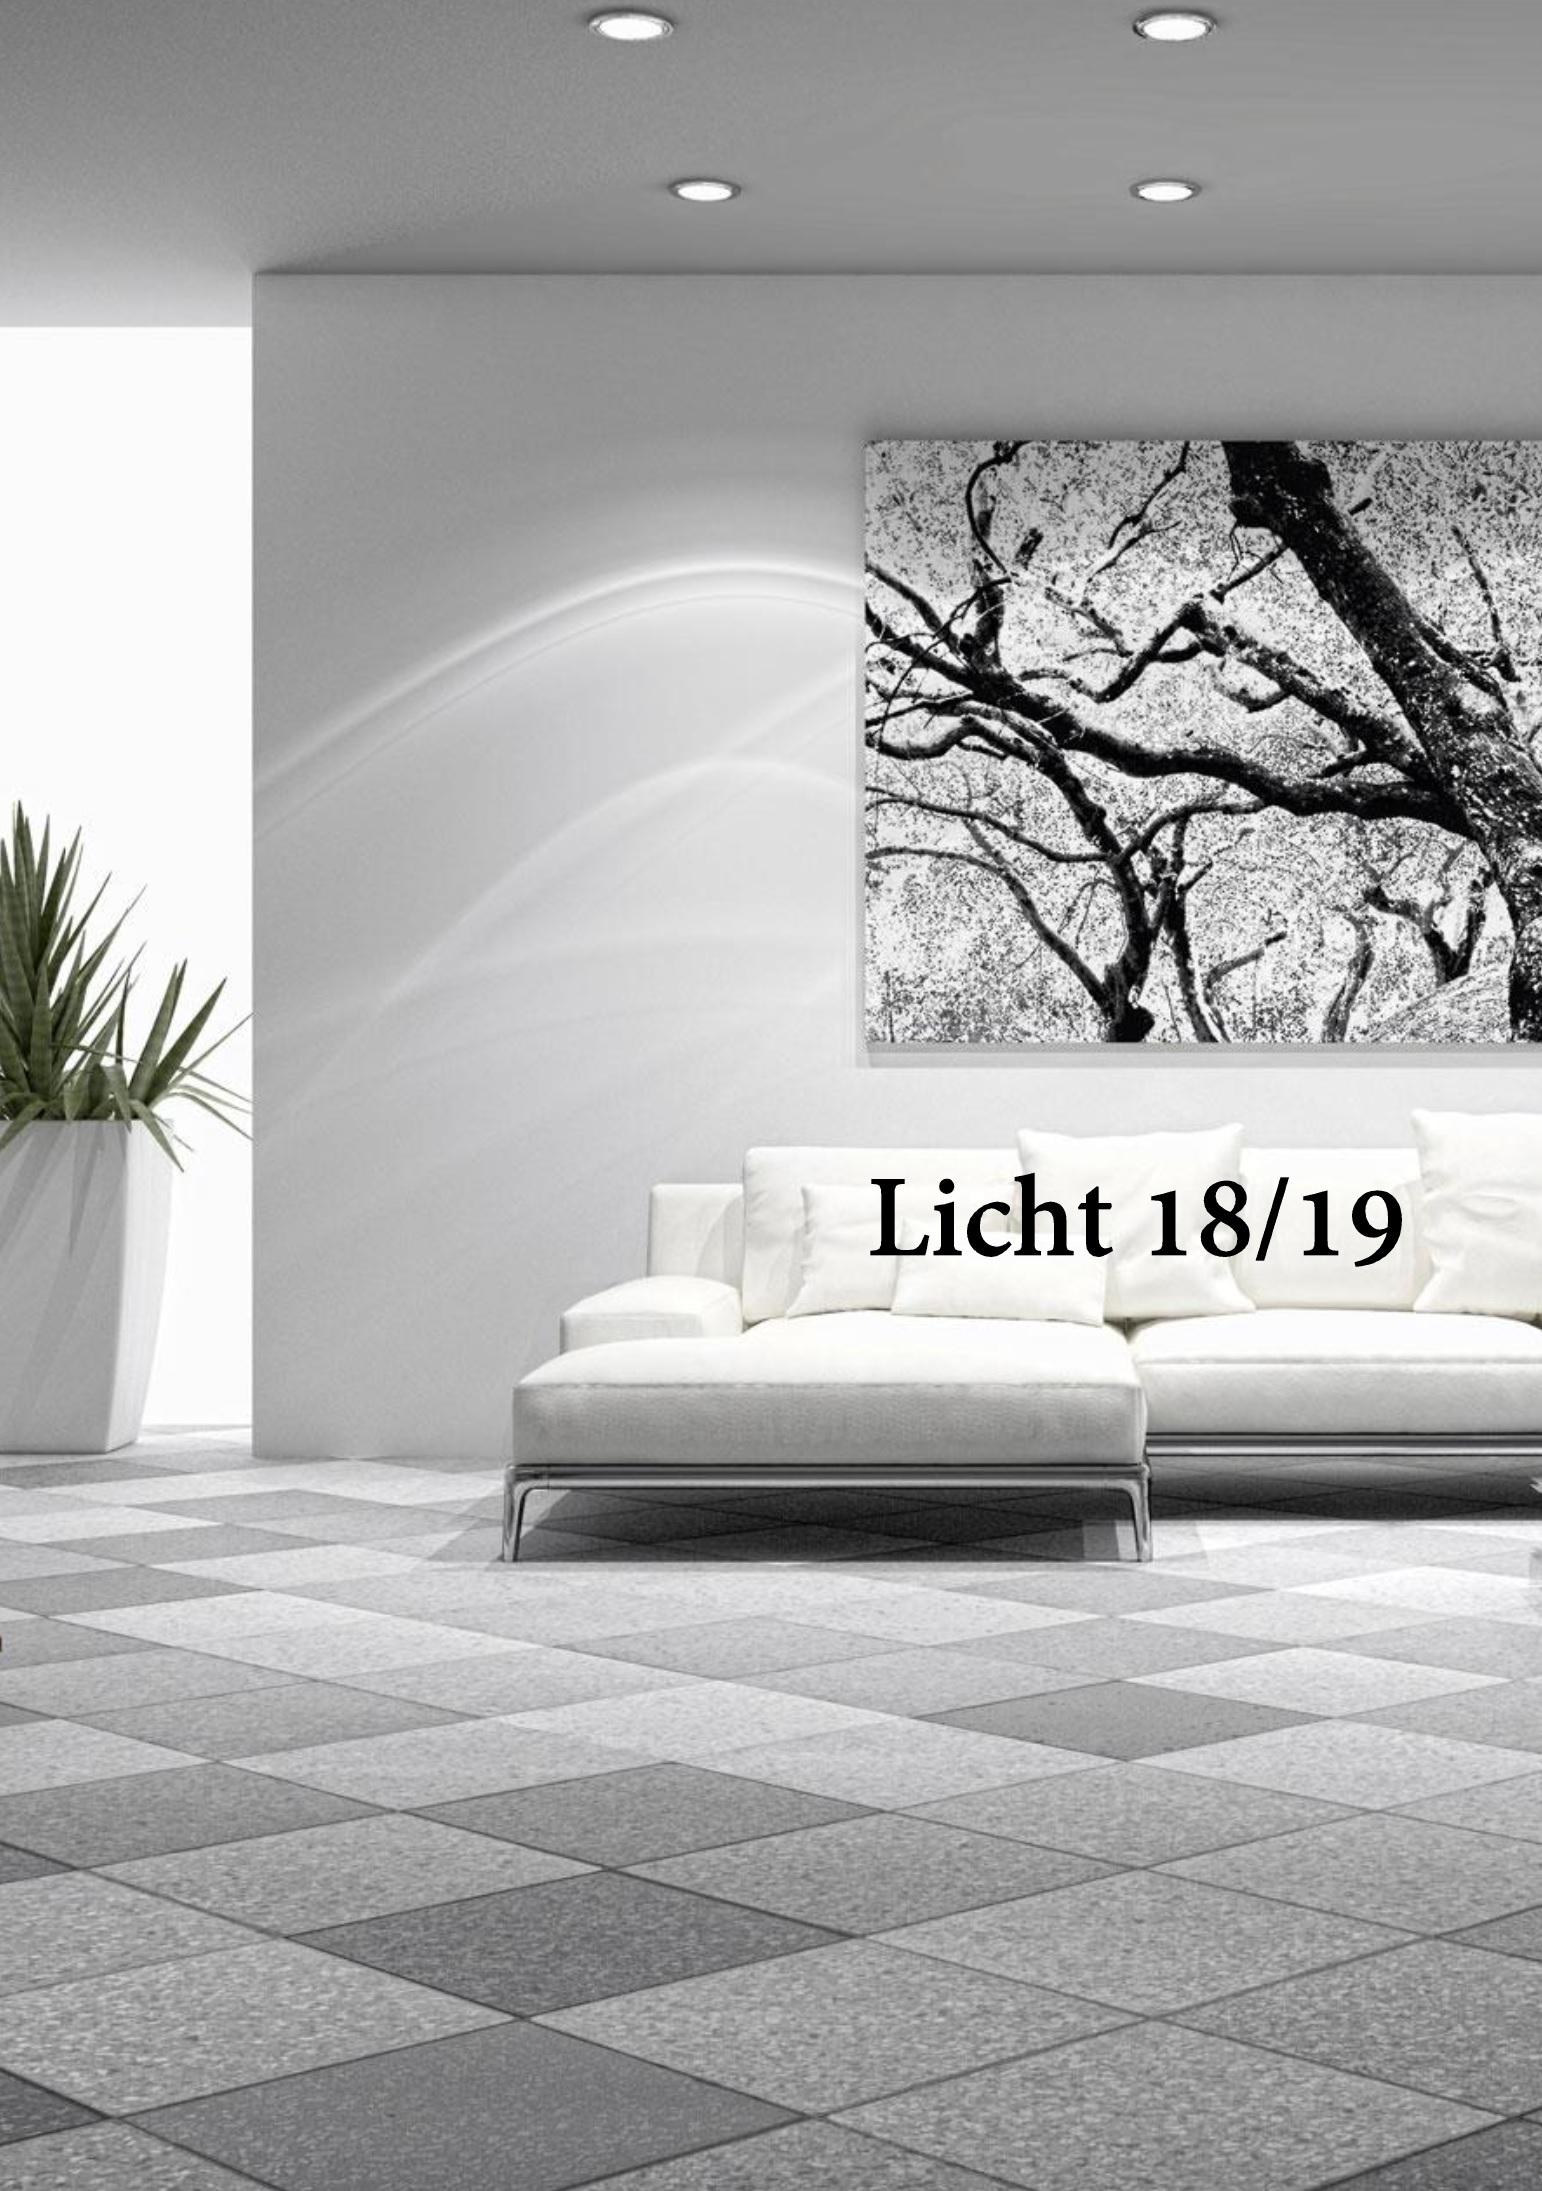 Katalog Licht 18/19